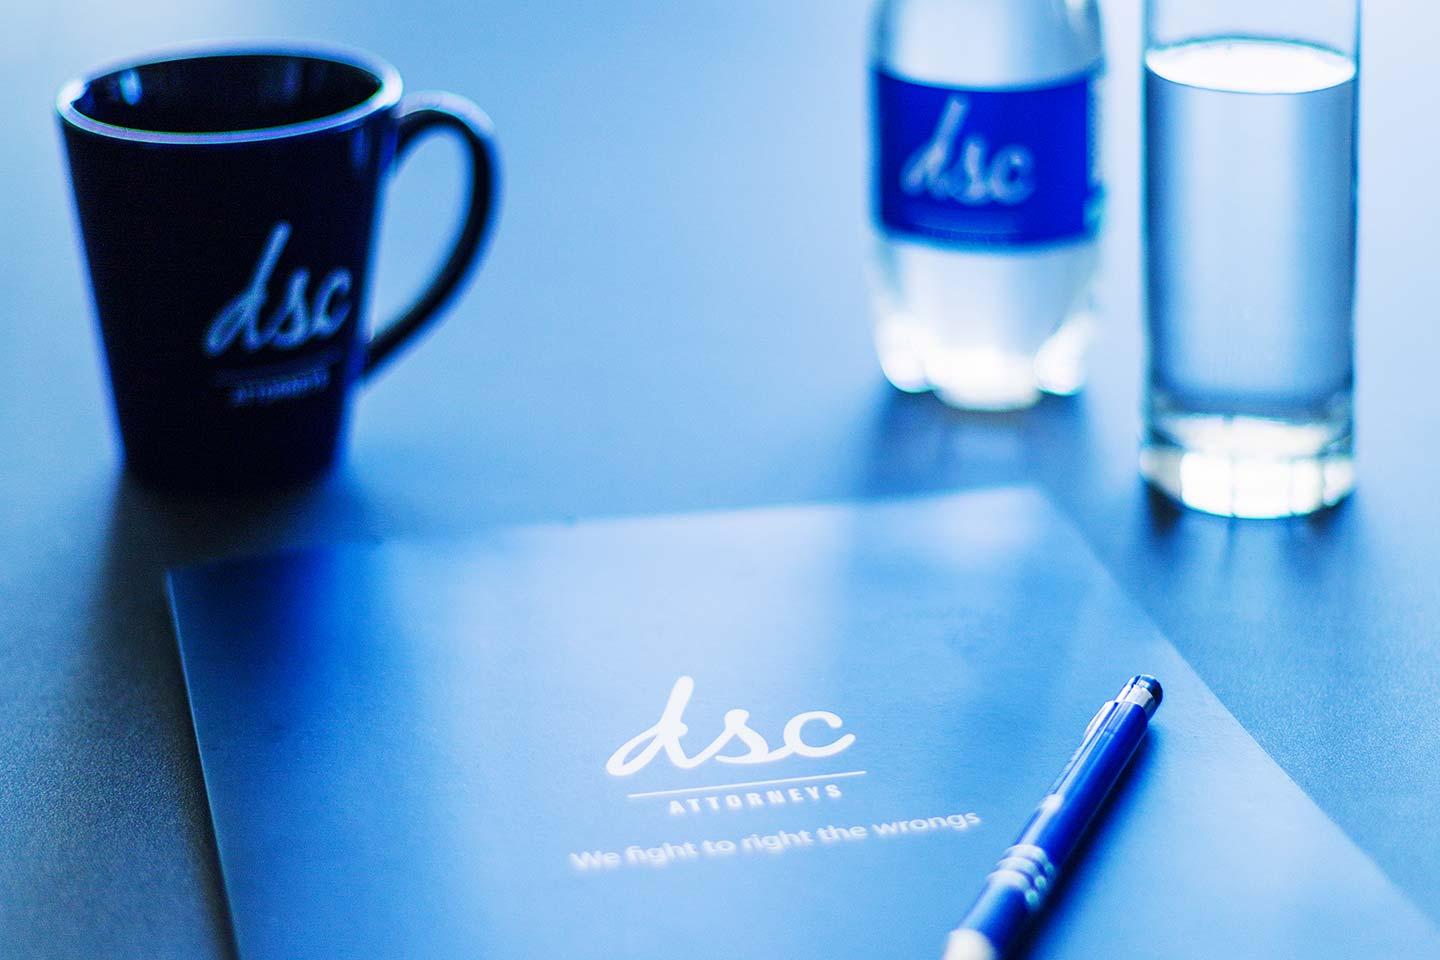 DSC Attorneys